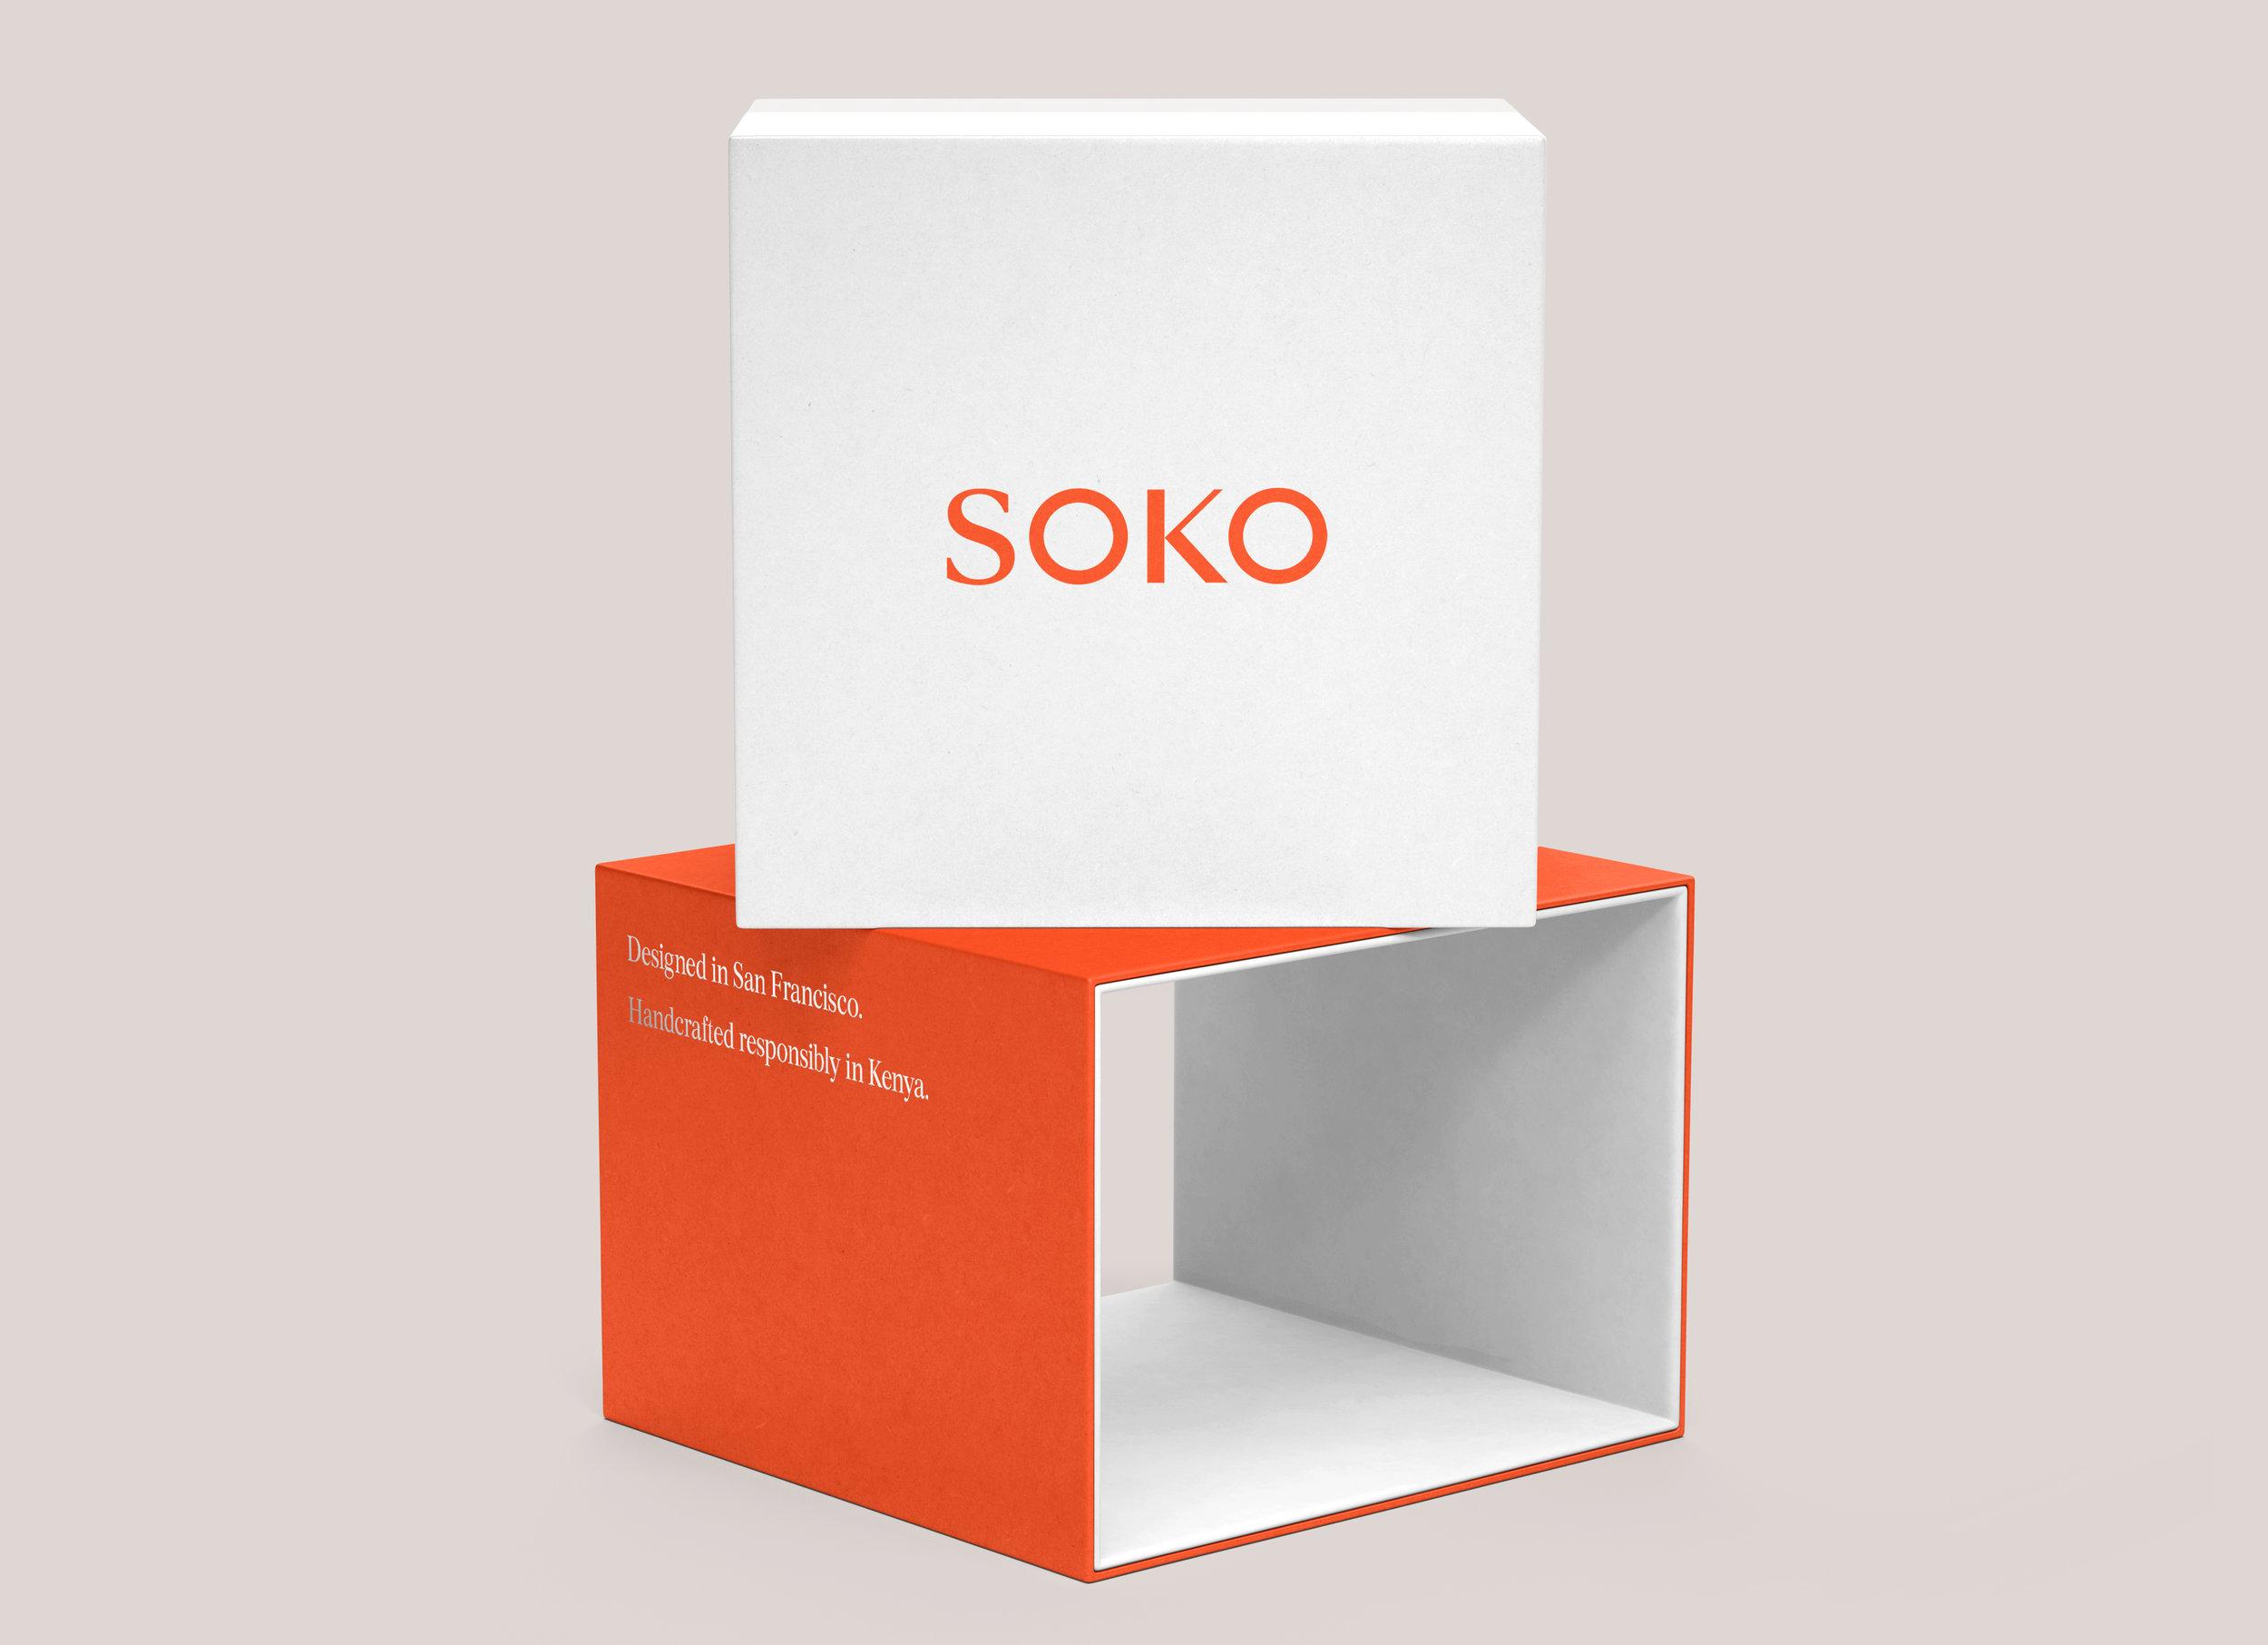 MC_Soko_Box.jpg